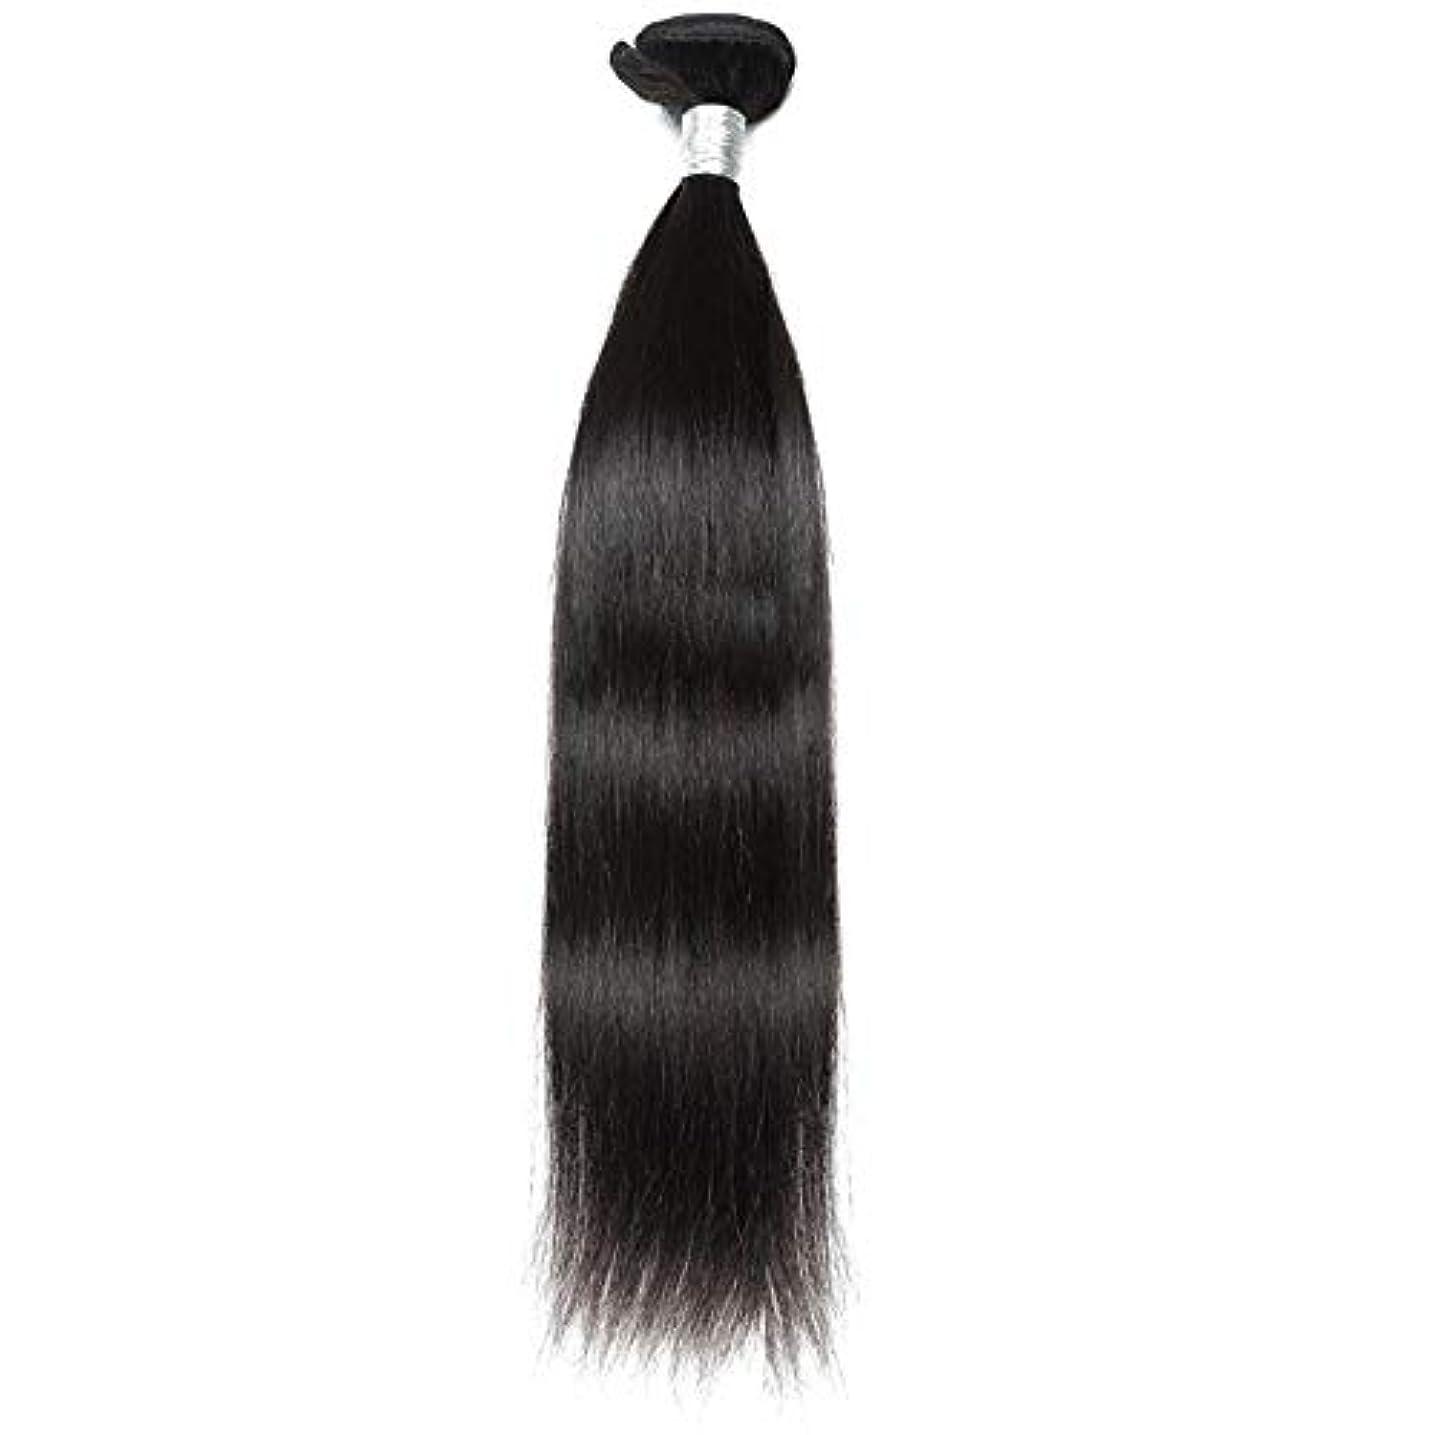 ファイバ適用するすきWASAIO ブラジルのバージン毛なめらかな単純明快な人間が1つのバンドルナチュラルカラーの拡張バンドルを編む(10インチ?26インチ) (色 : 黒, サイズ : 12 inch)